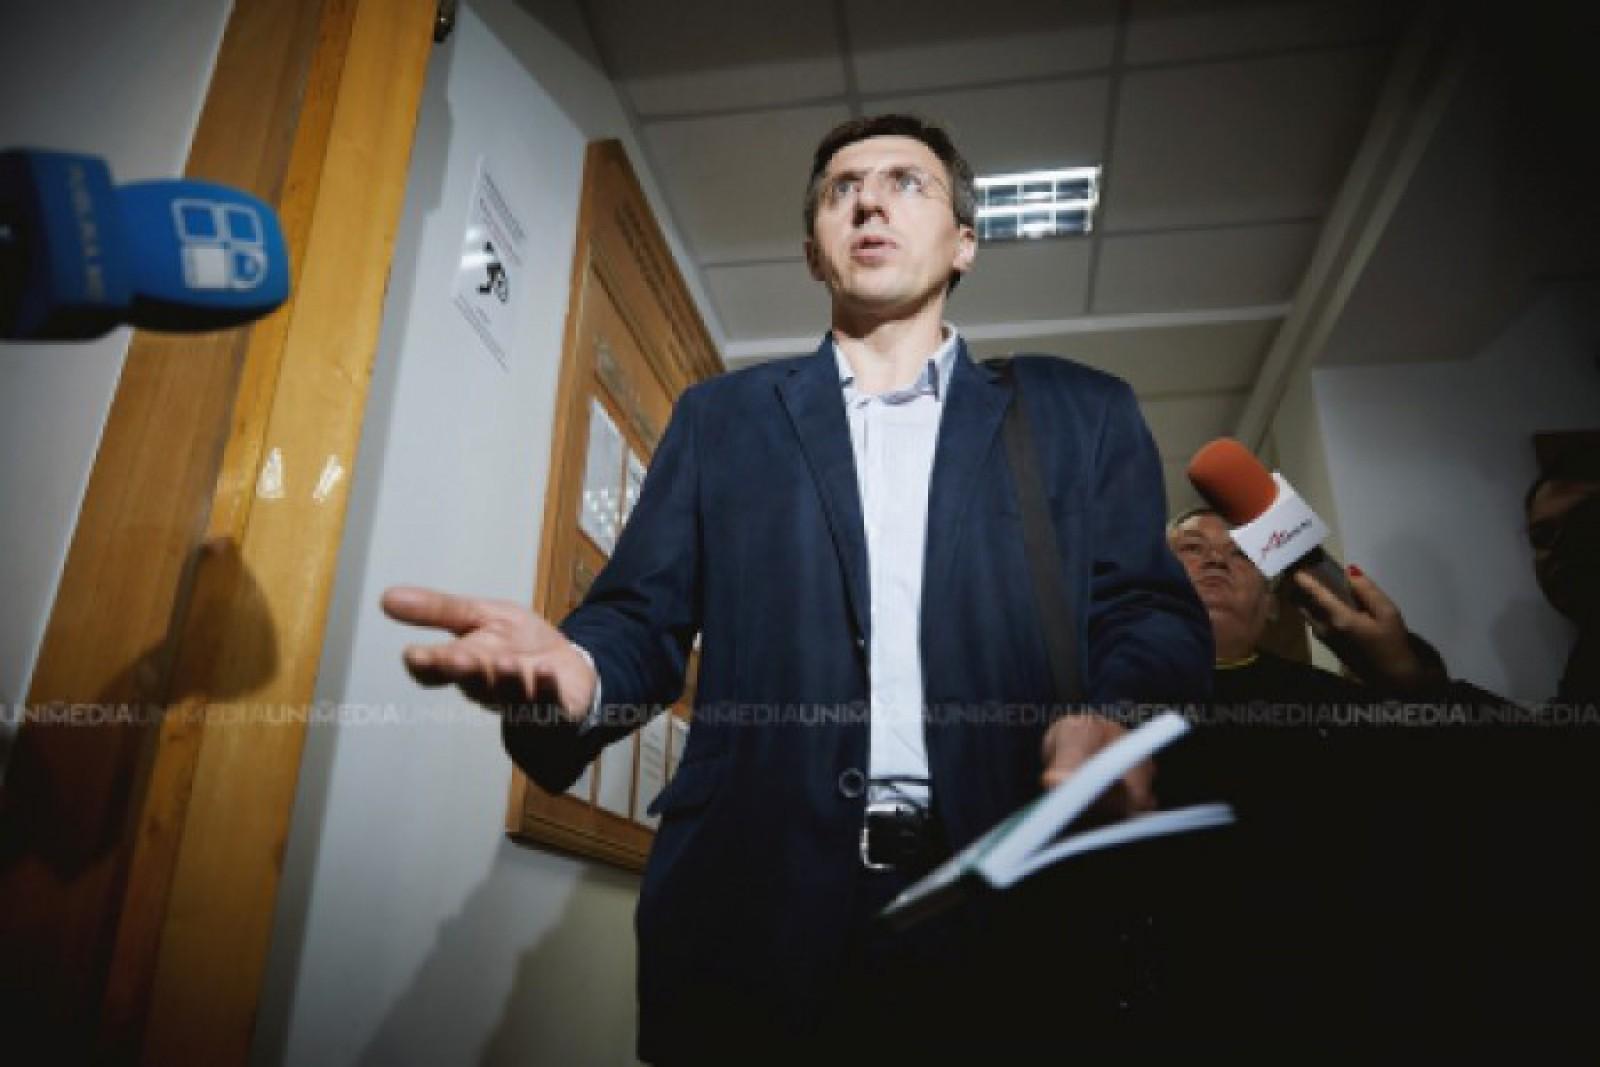 (video) Încă 30 de zile de control judiciar pentru edilul suspendat, Dorin Chirtoacă